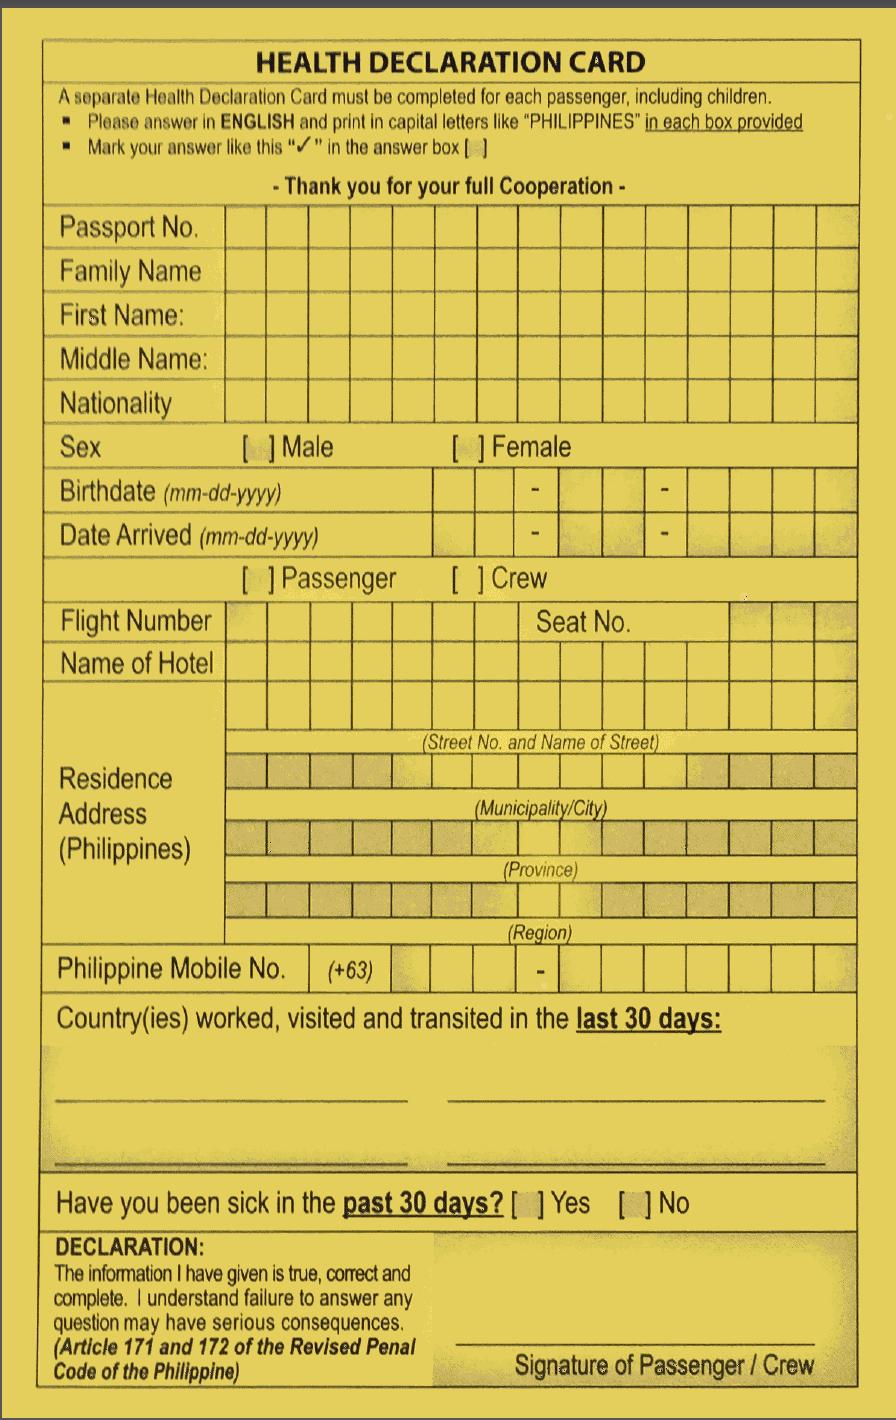 健康申報表